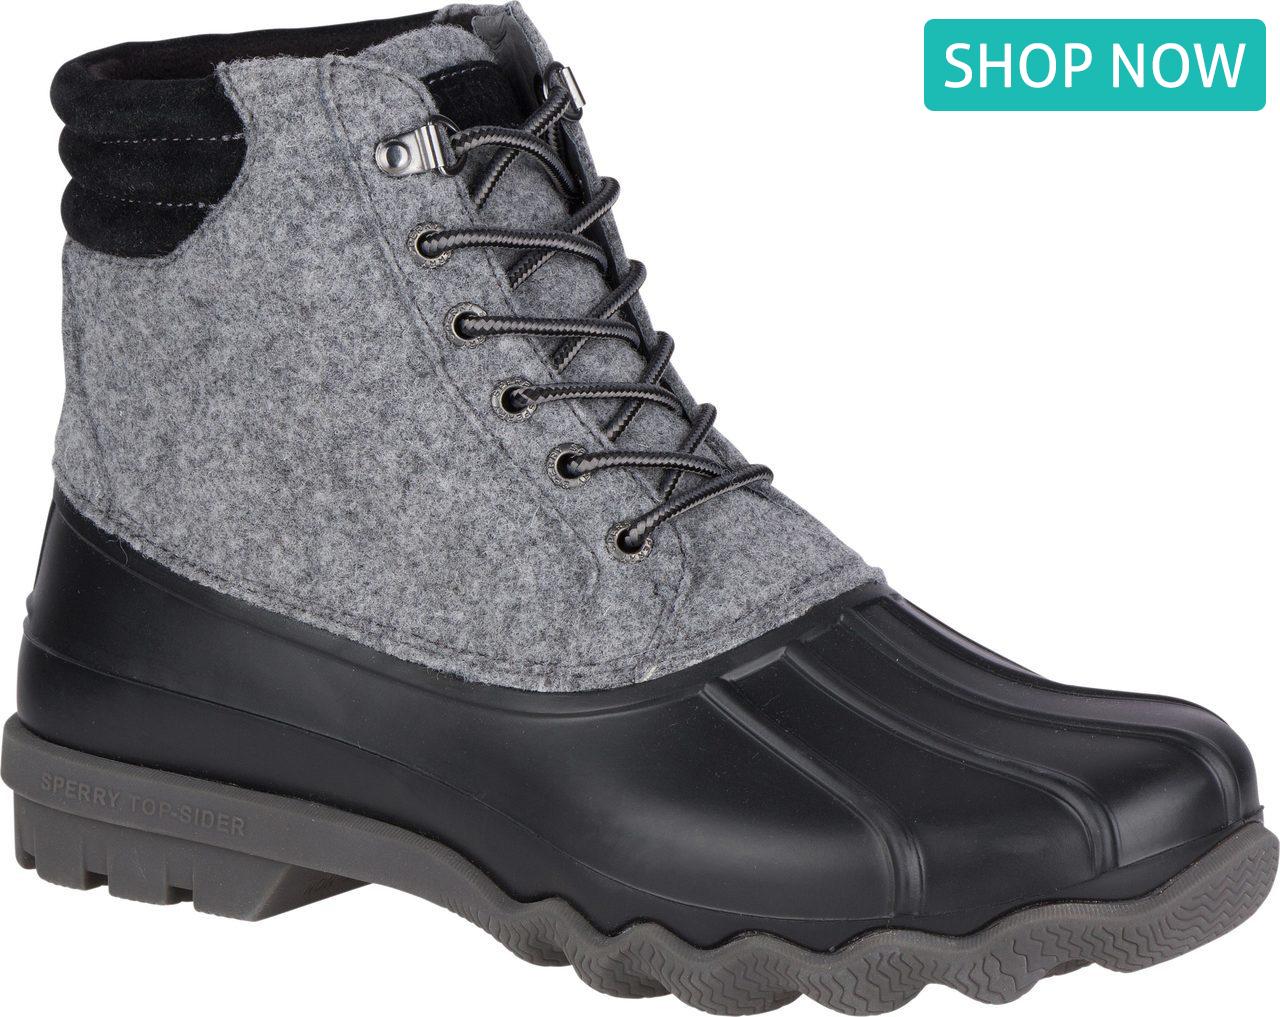 0afac948aa1 Trick or Treat Yourself  Frighteningly Fantastic Footwear - Englin s Fine  Footwear